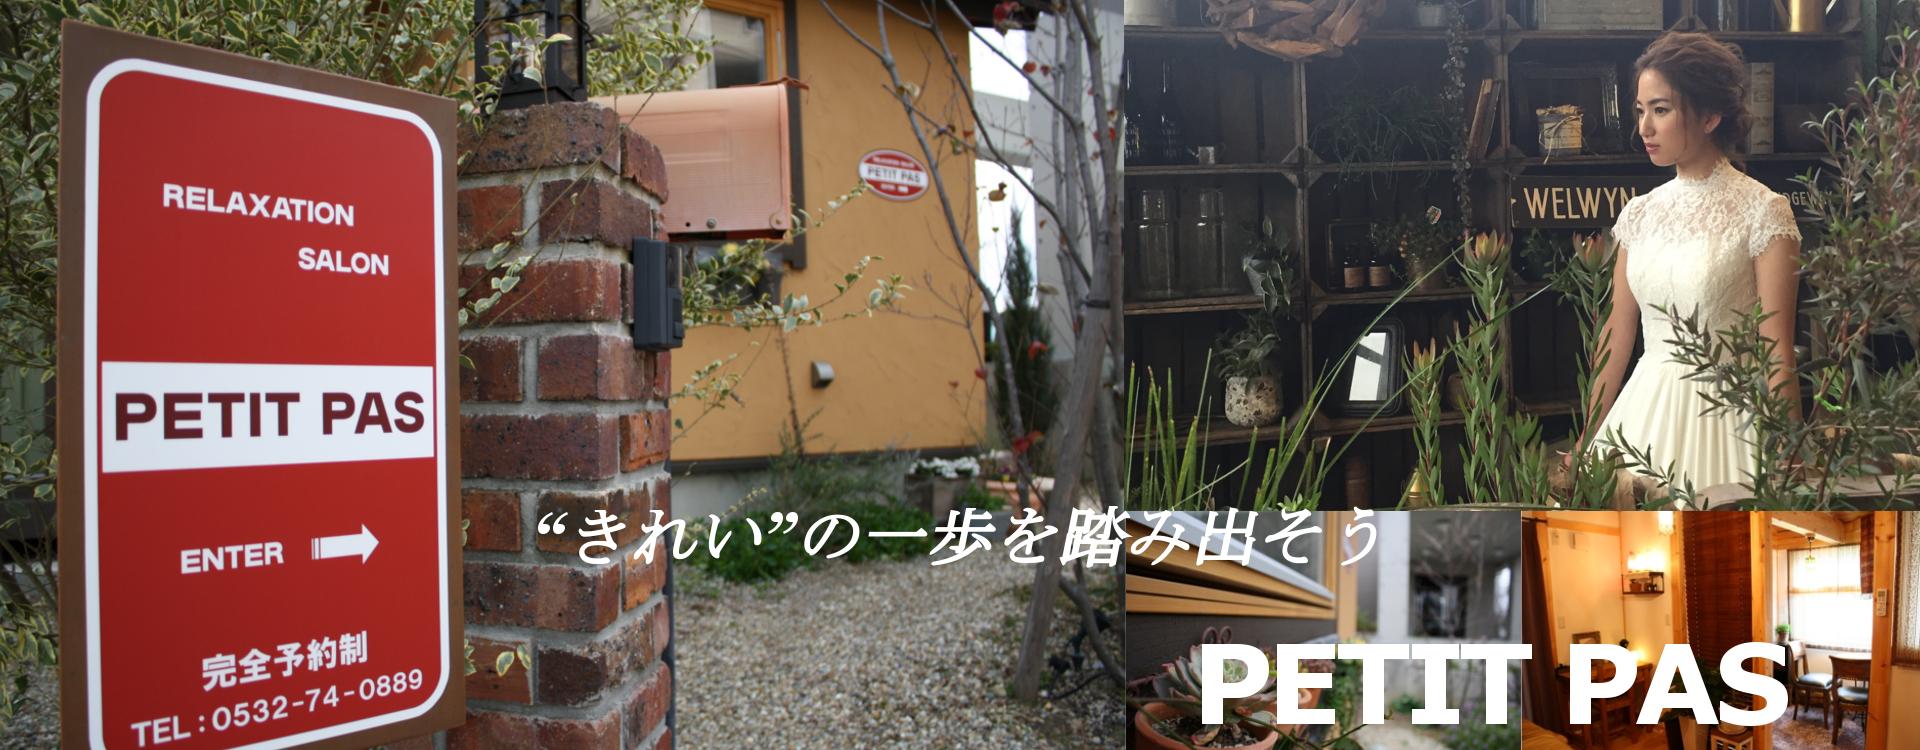 豊橋市のエステサロン PETITPASのメイン画像